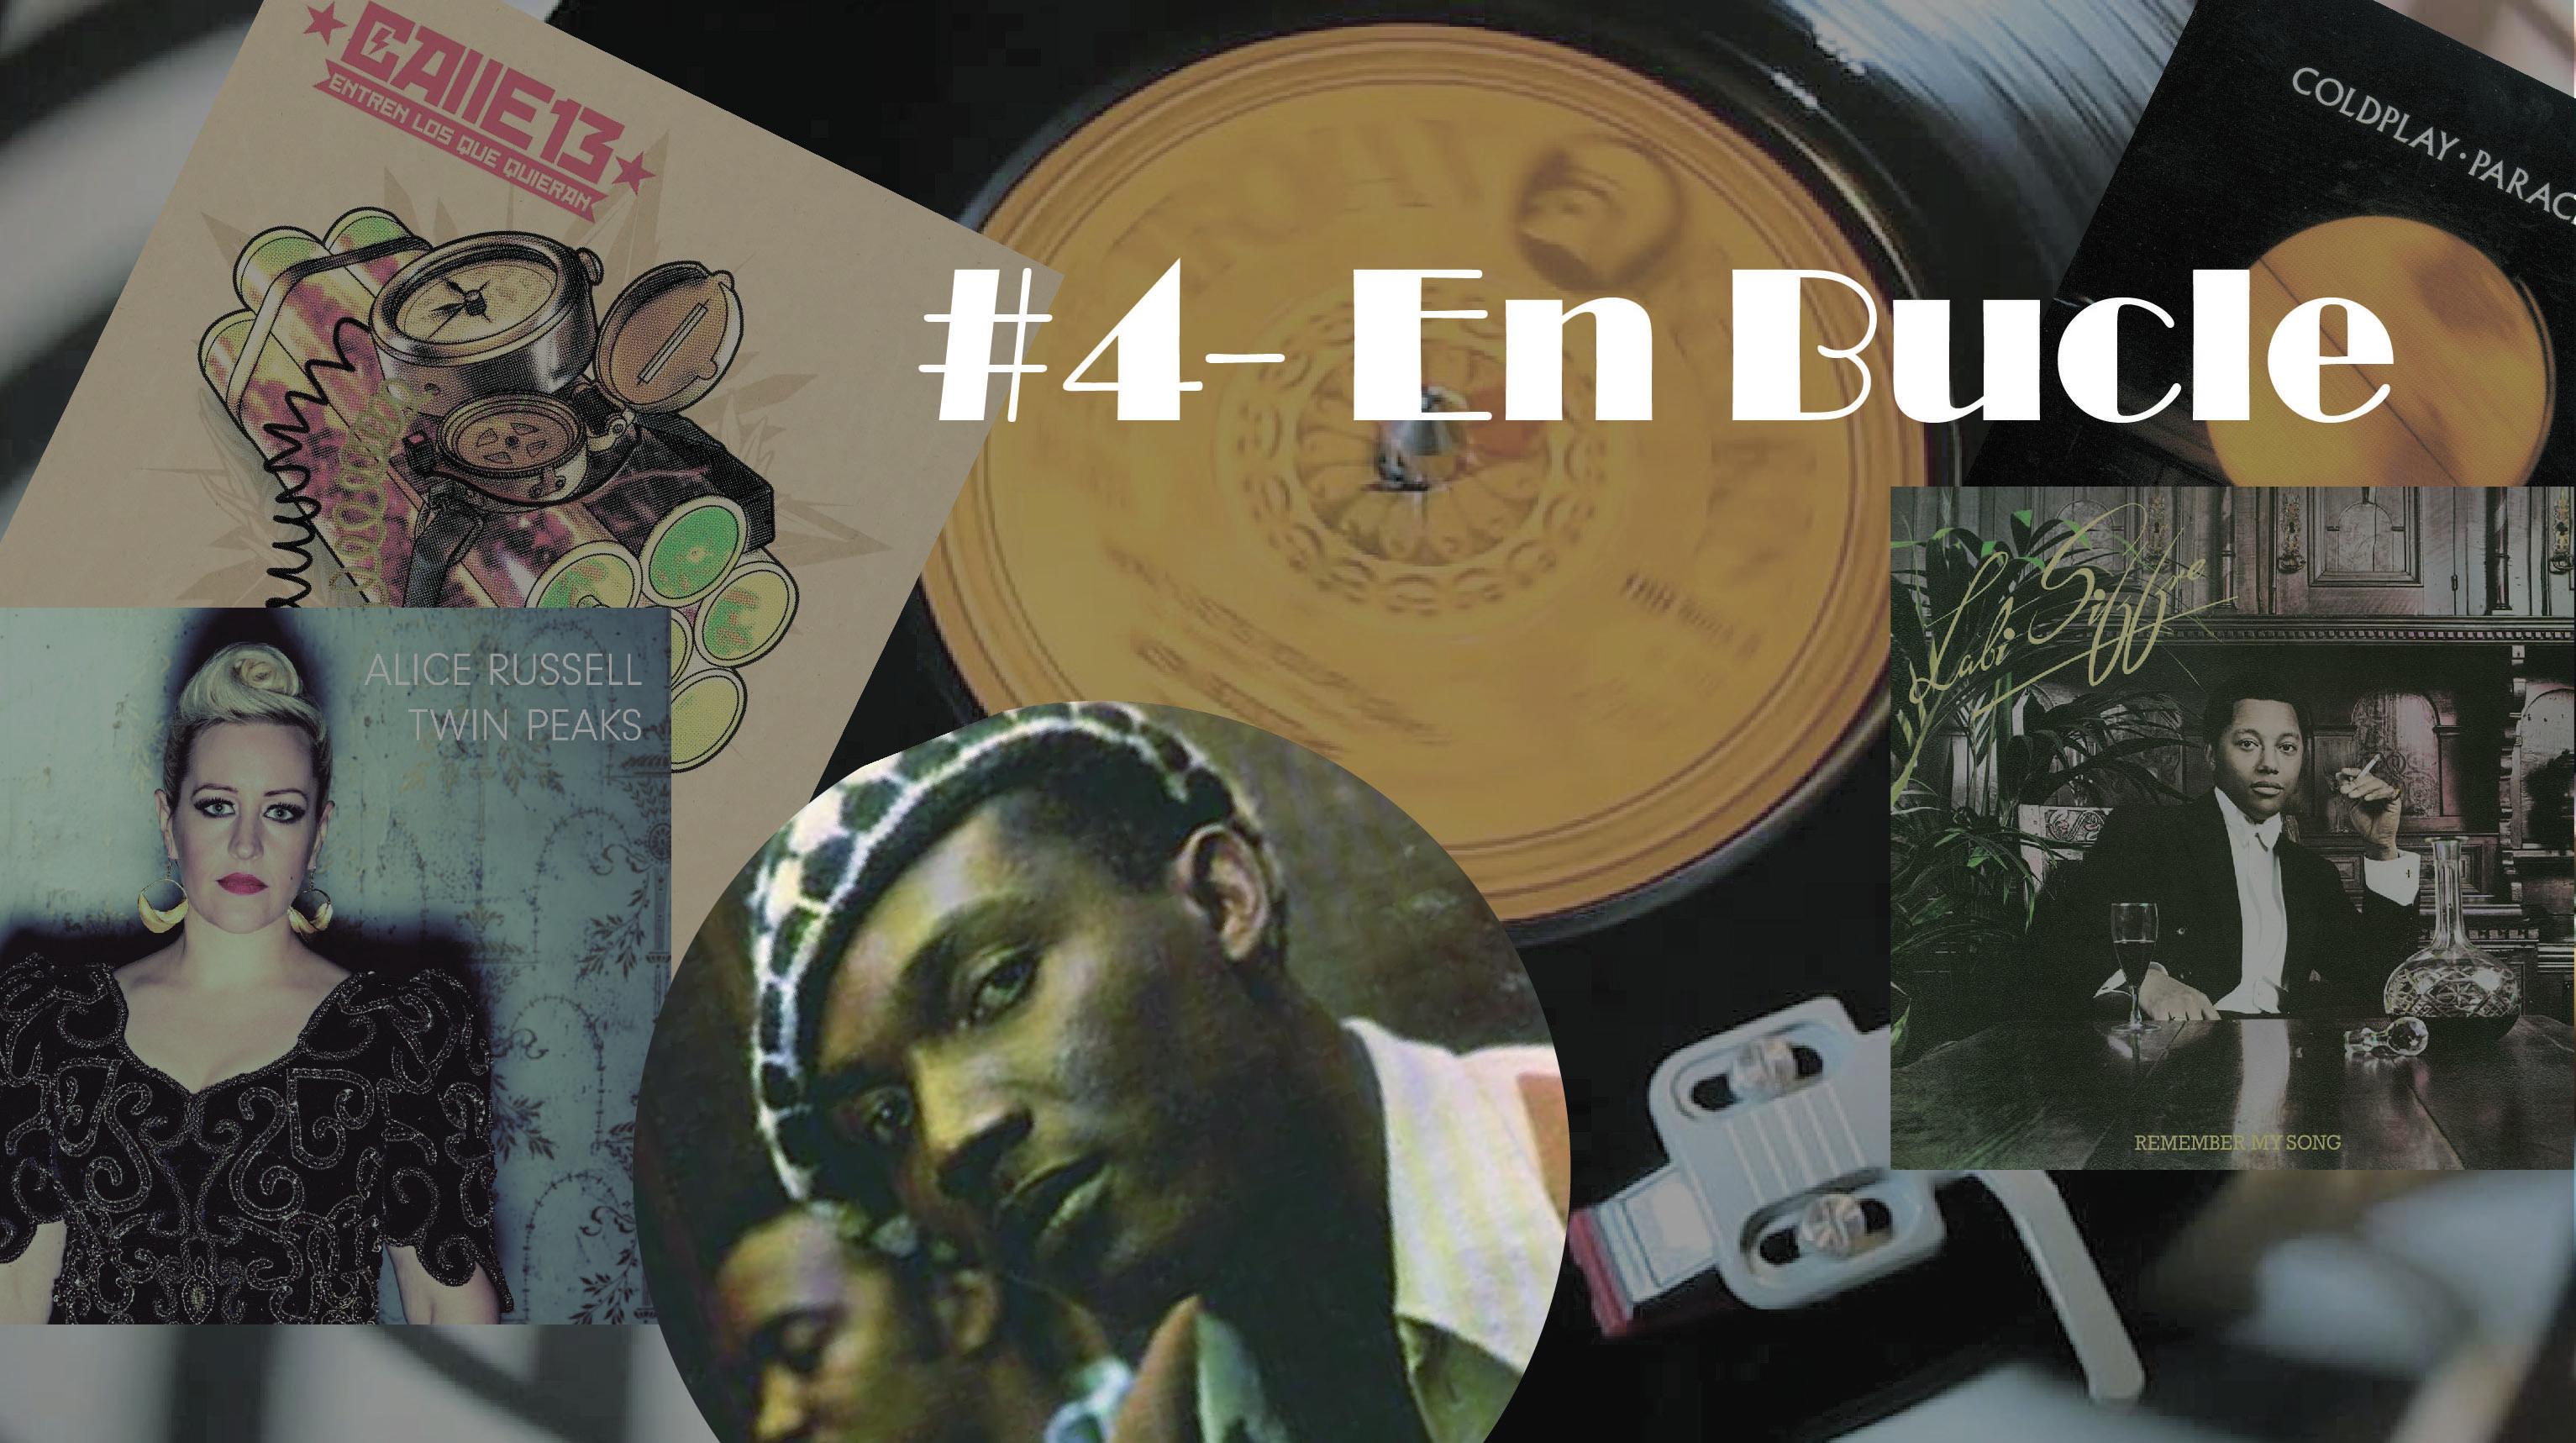 #Playlist 4 – En Bucle